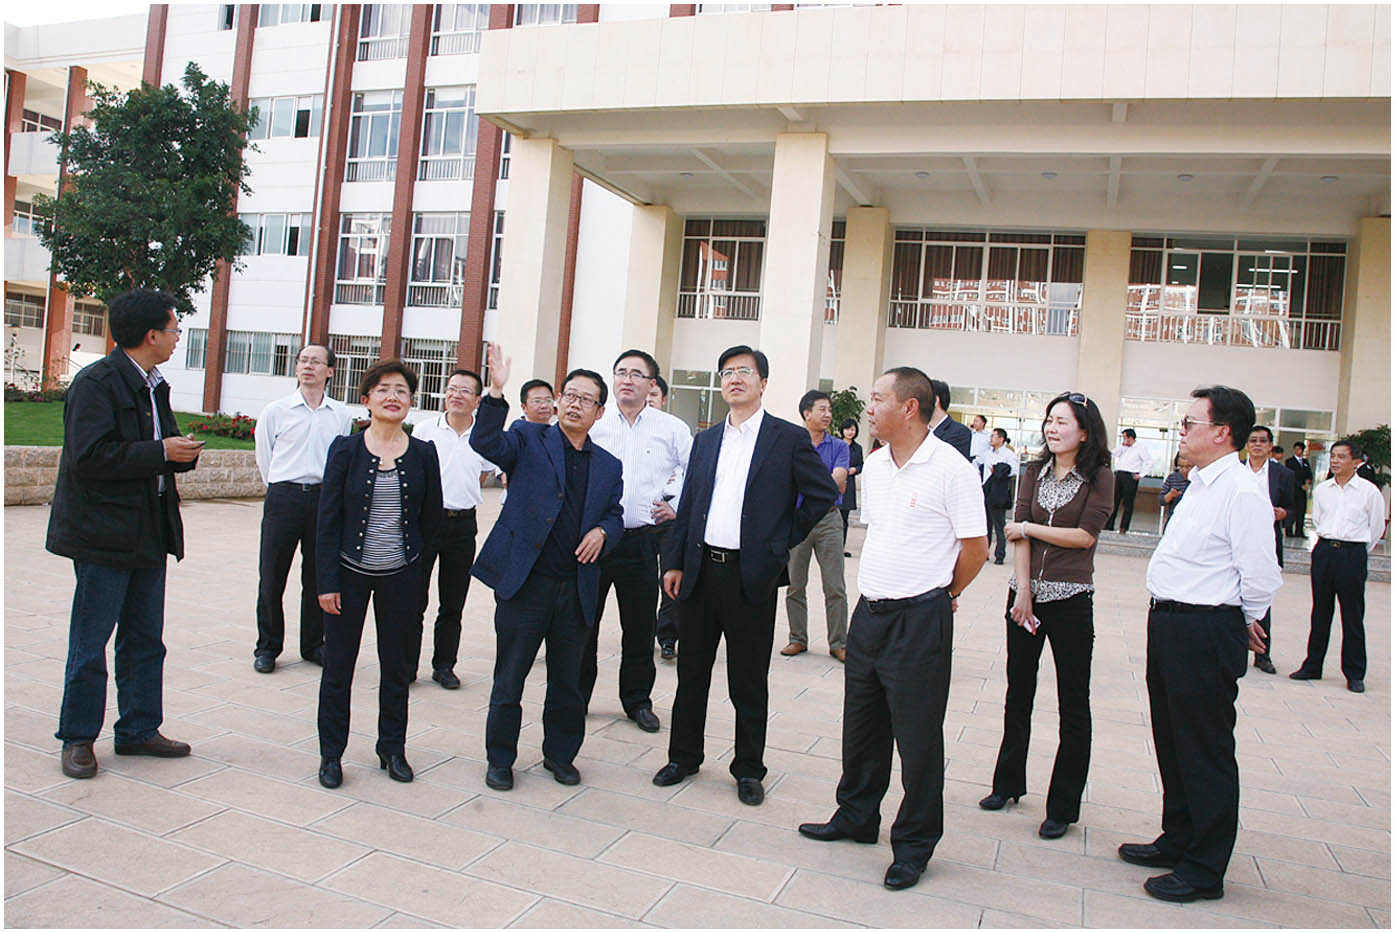 2011年10月13日,教育部副部长杜玉波(右四)视察安宁校区